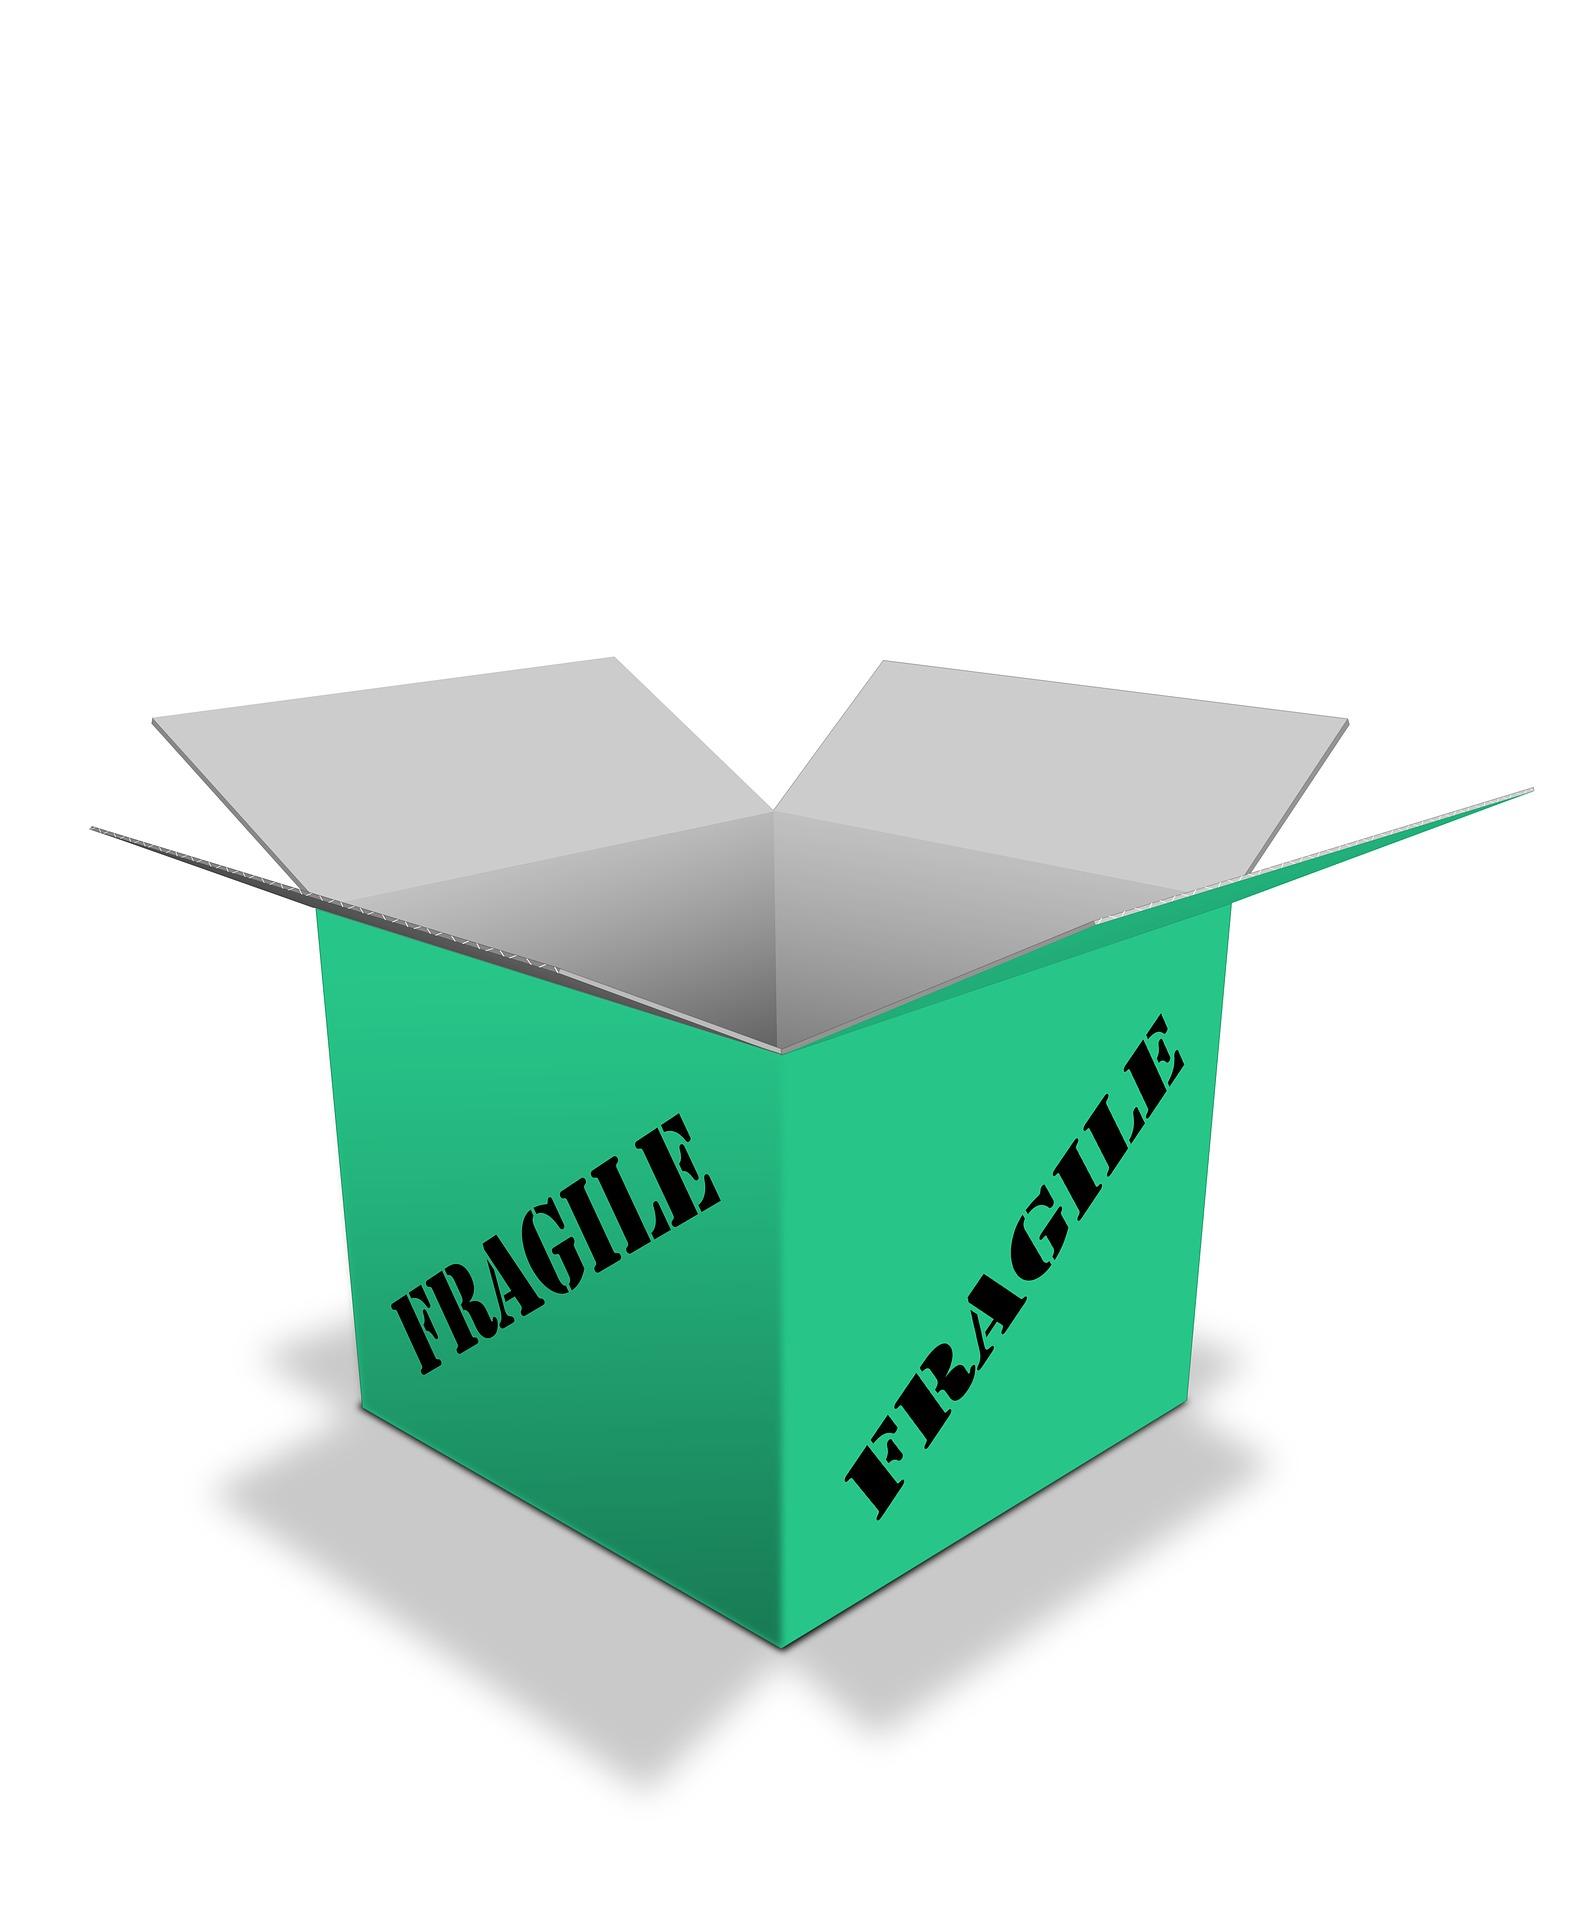 Fragile box 686313 1920